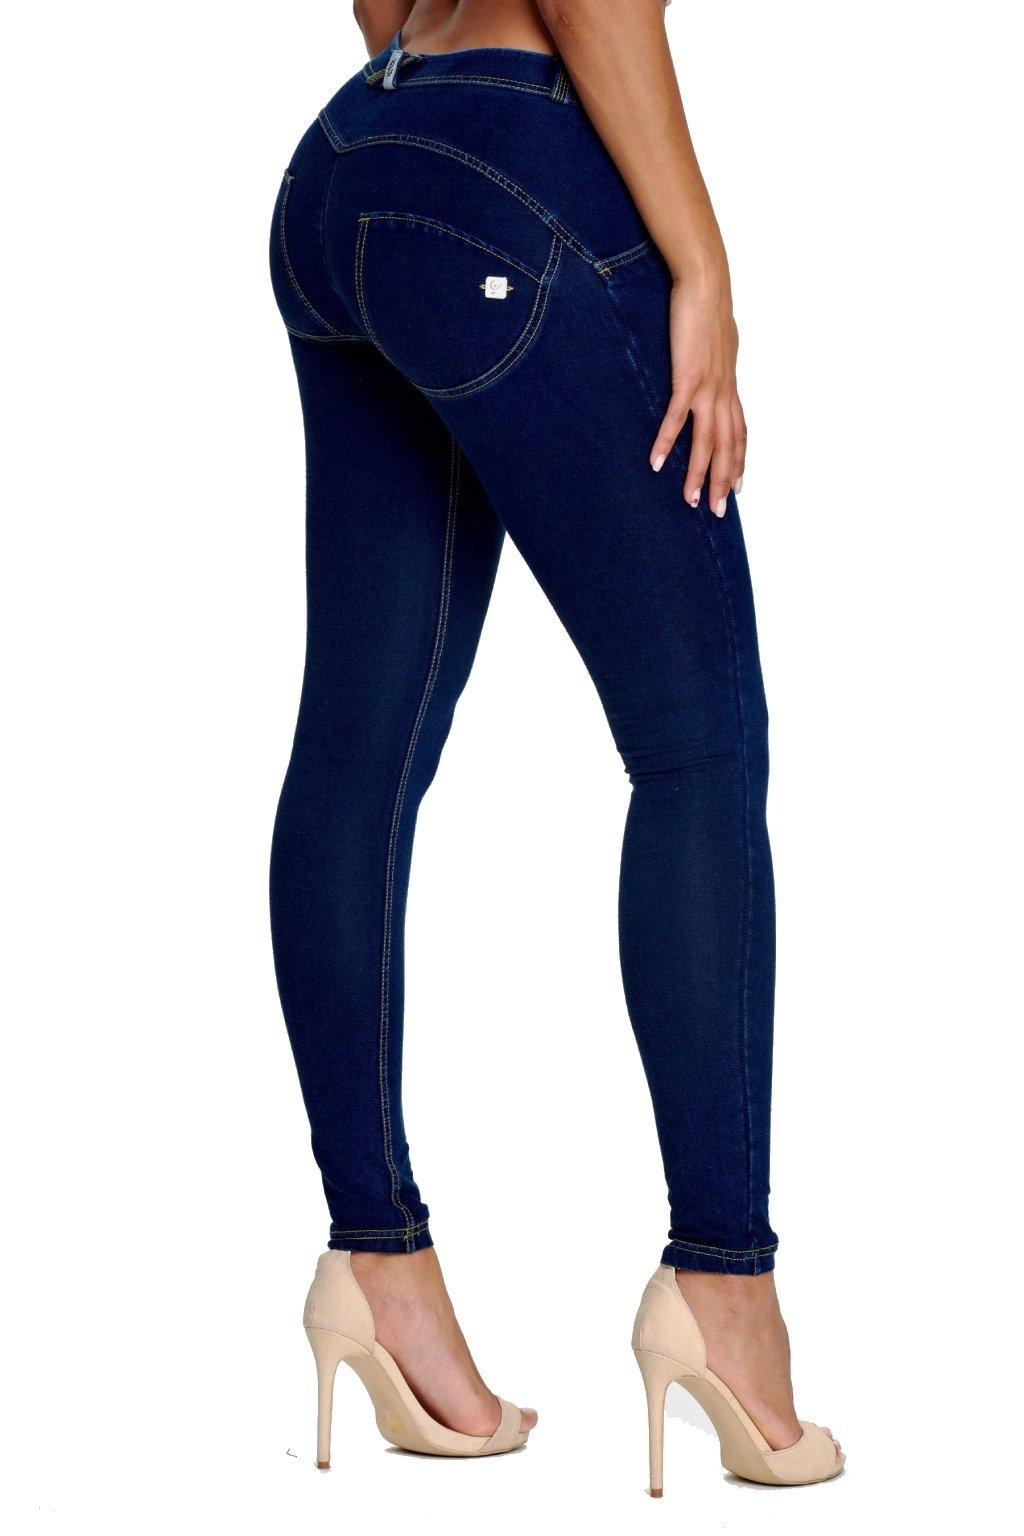 Freddy riflove kalhoty normalni pas tmave modre (3)